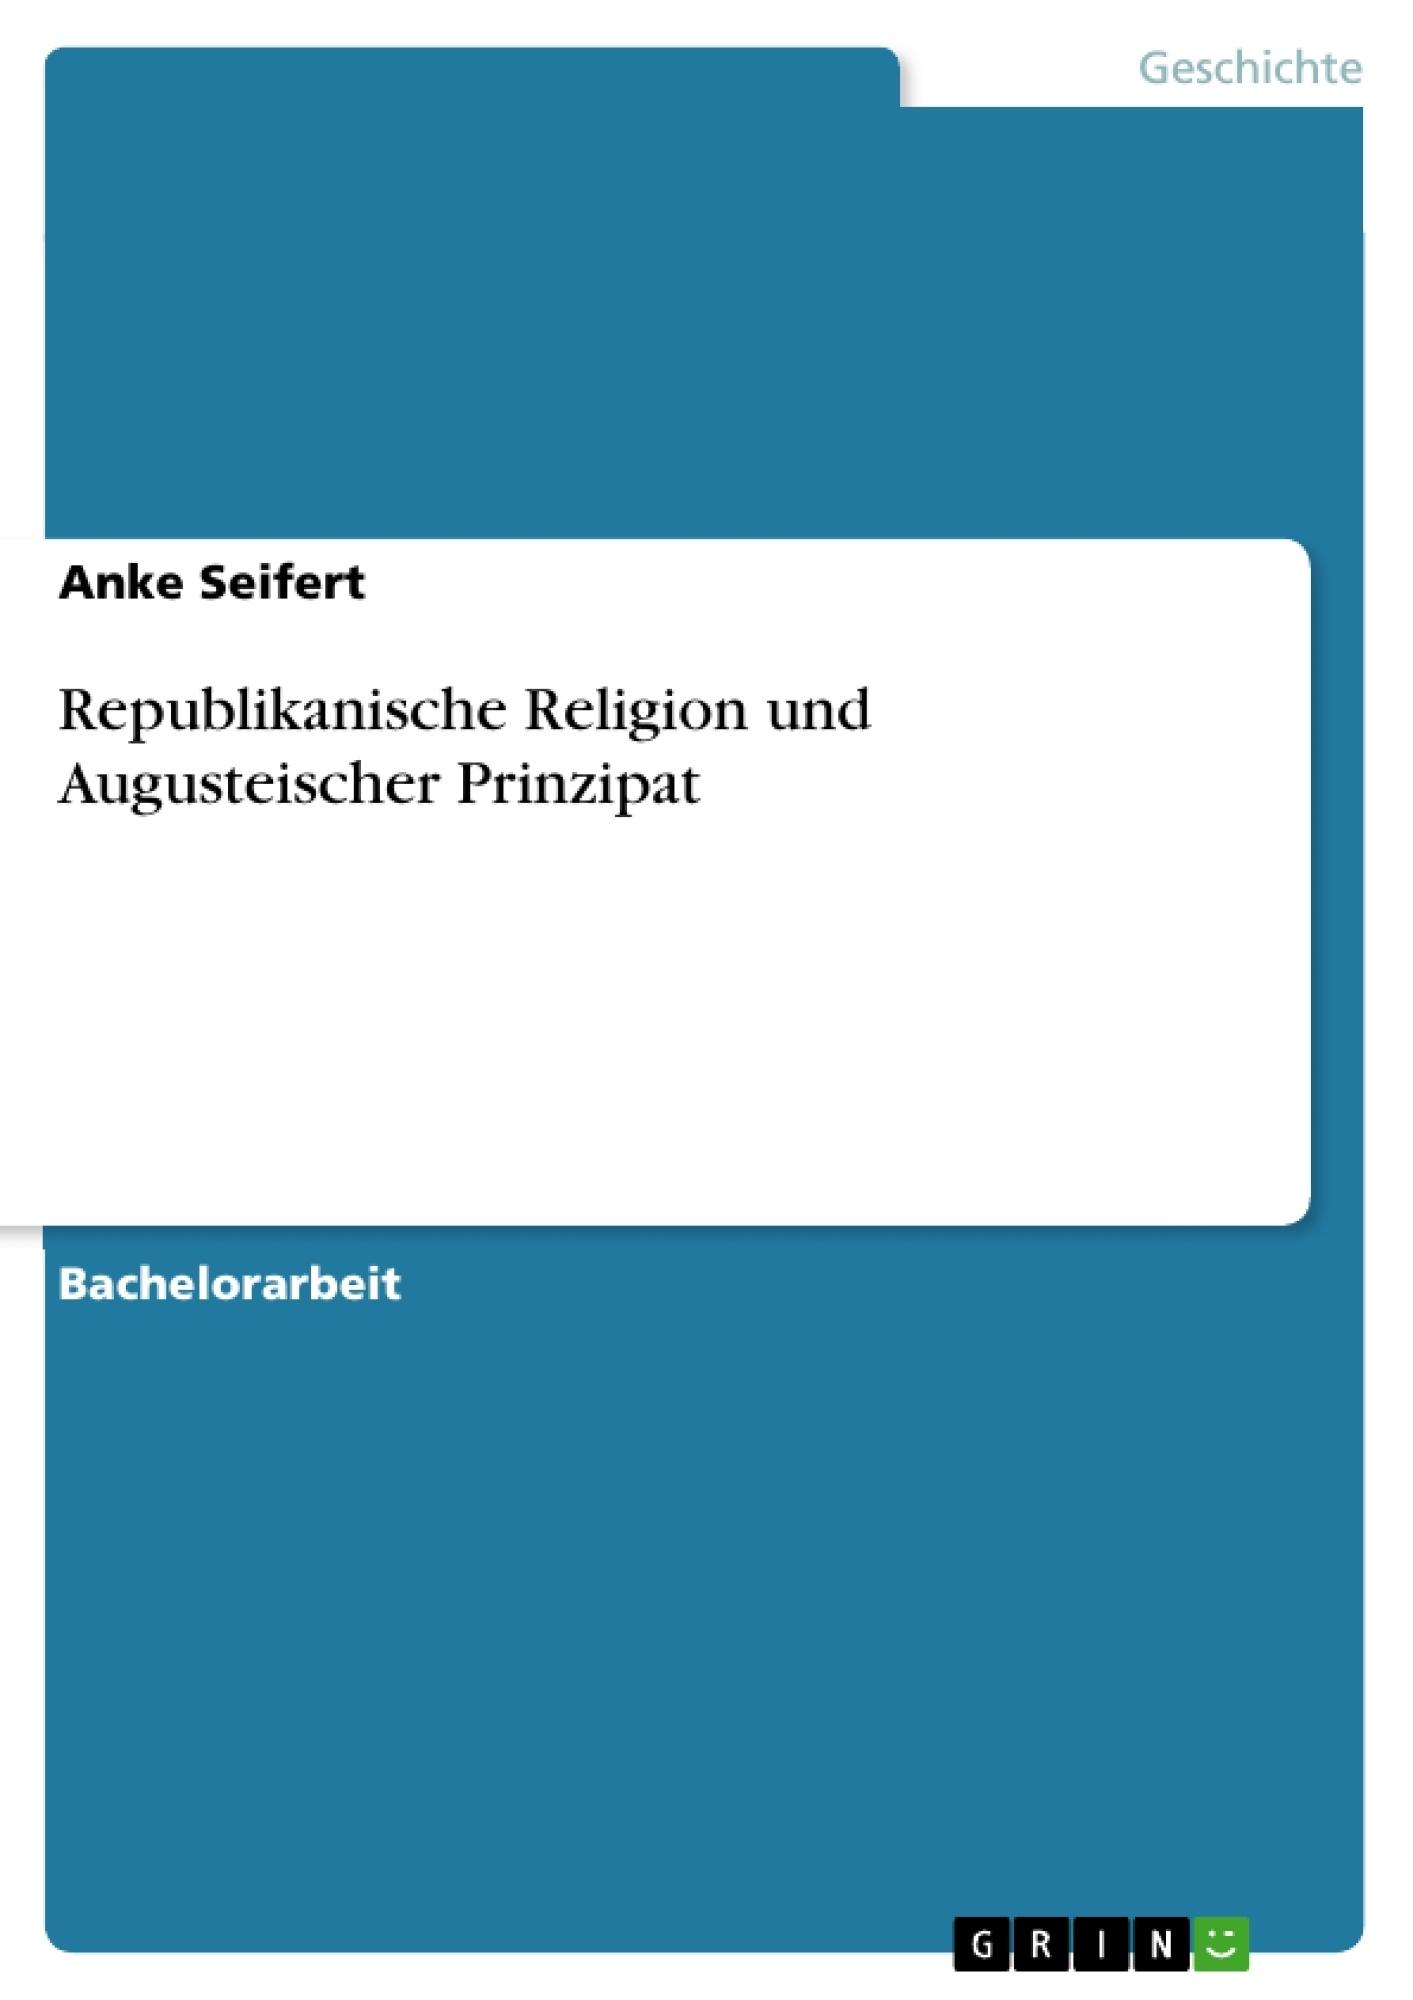 Titel: Republikanische Religion und Augusteischer Prinzipat